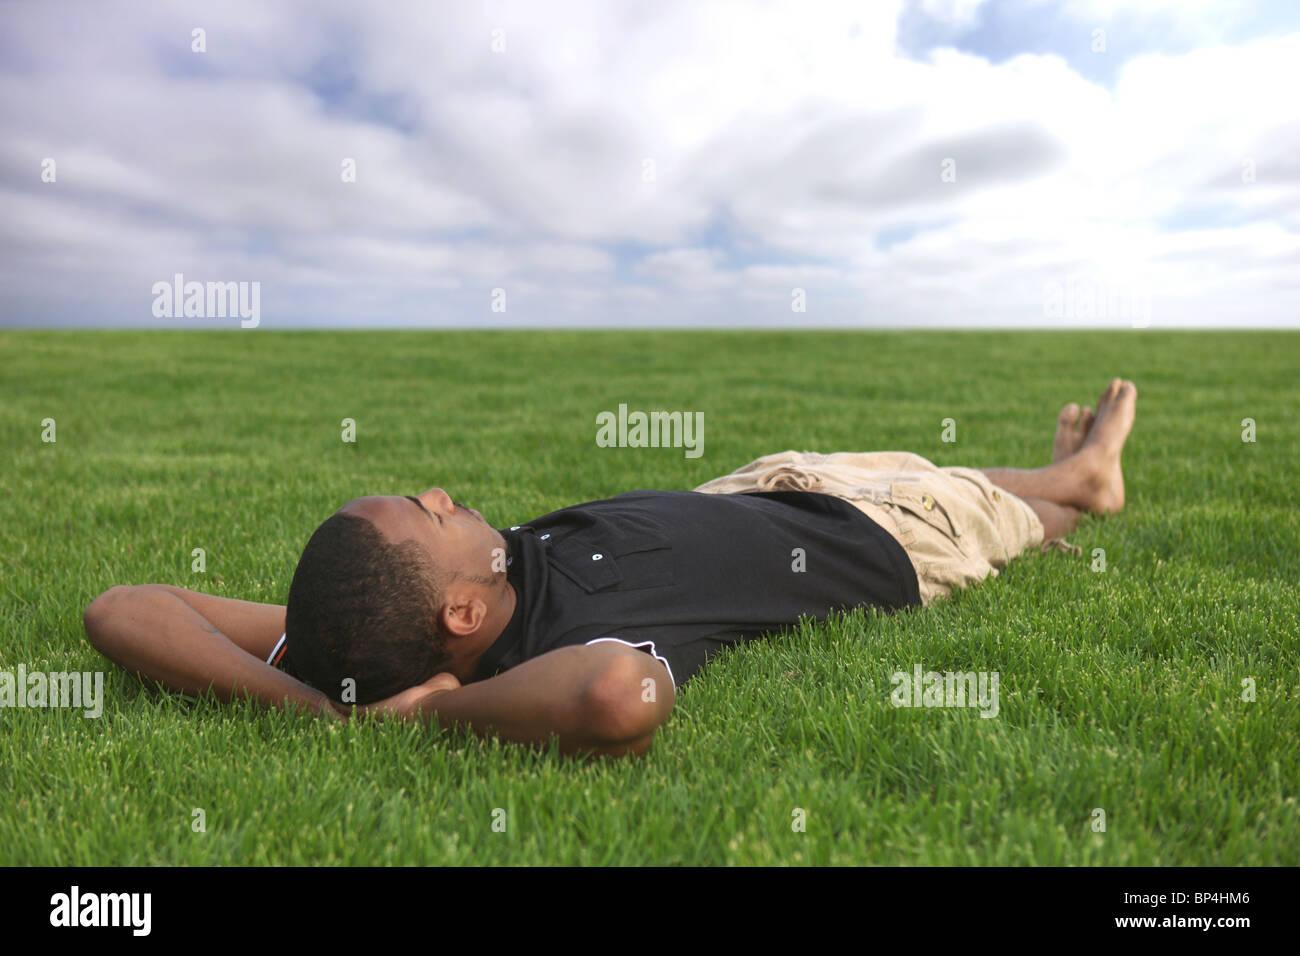 Afroamerikanische männliche Schüler ruht in der Grass-Natur Stockbild